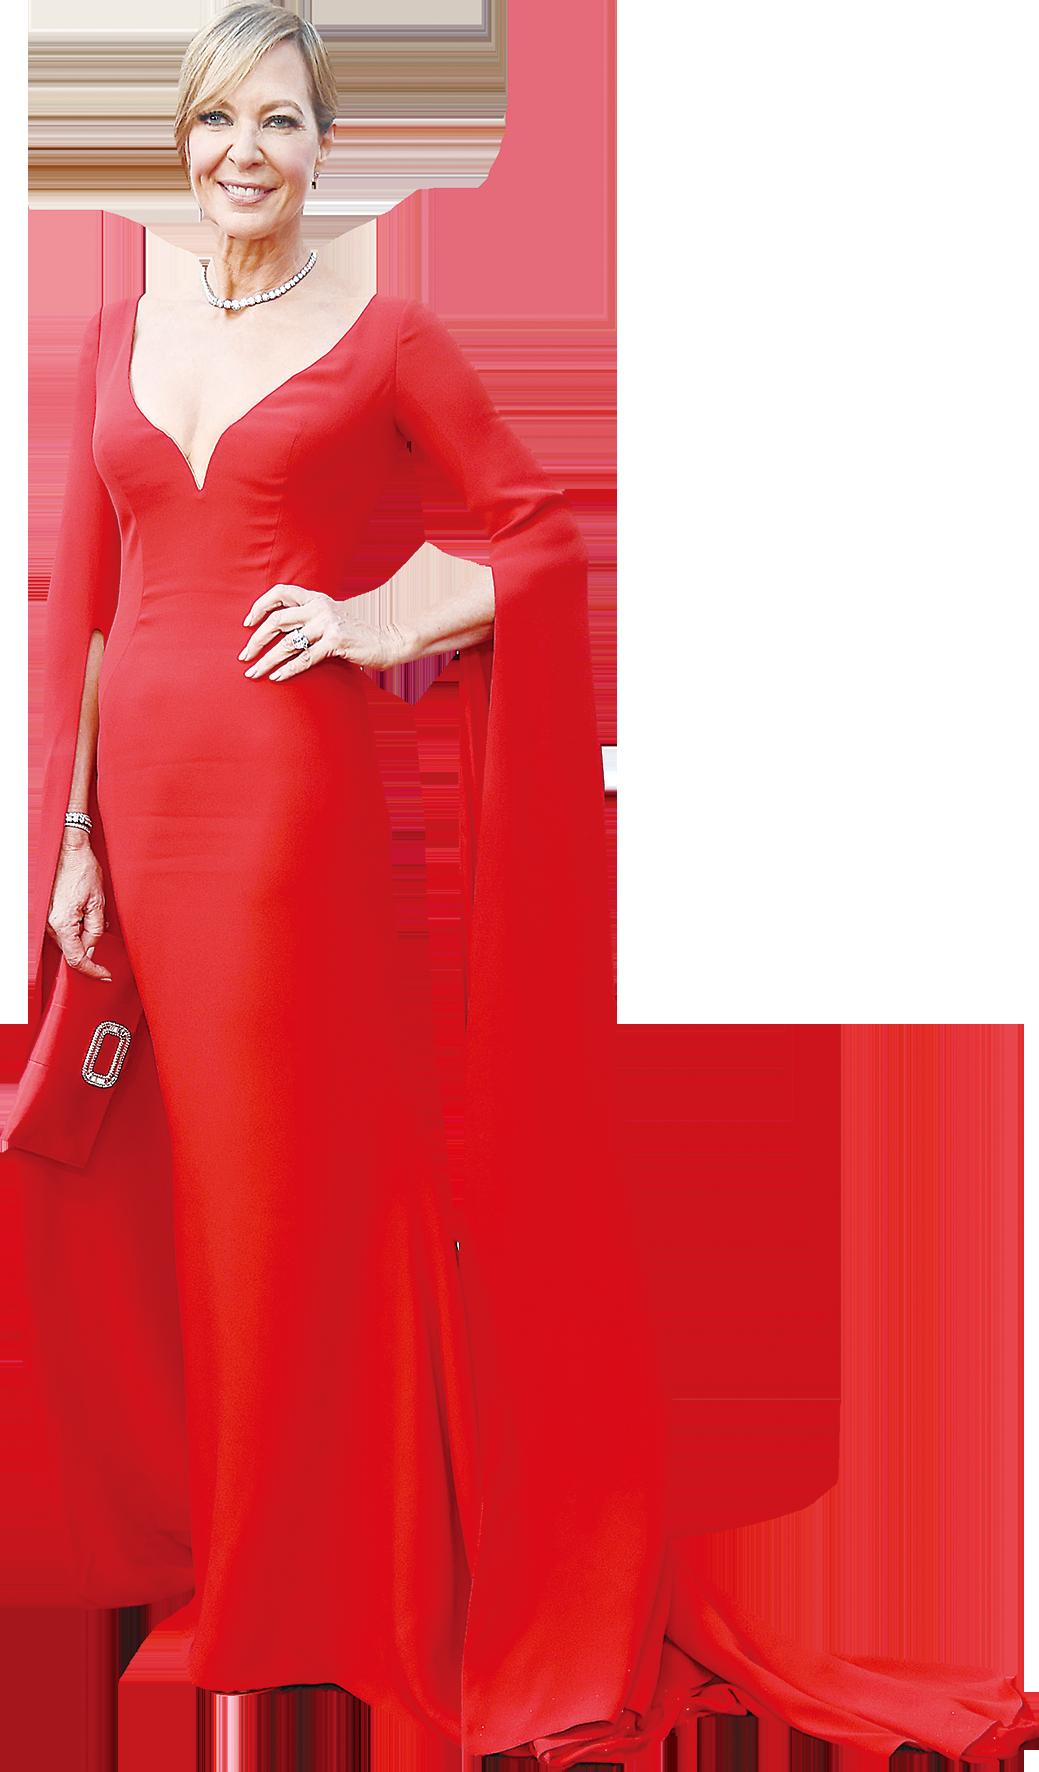 《冰之驕女》:愛麗遜珍妮(Allison Janney)獲最佳女配角。(Getty Images)